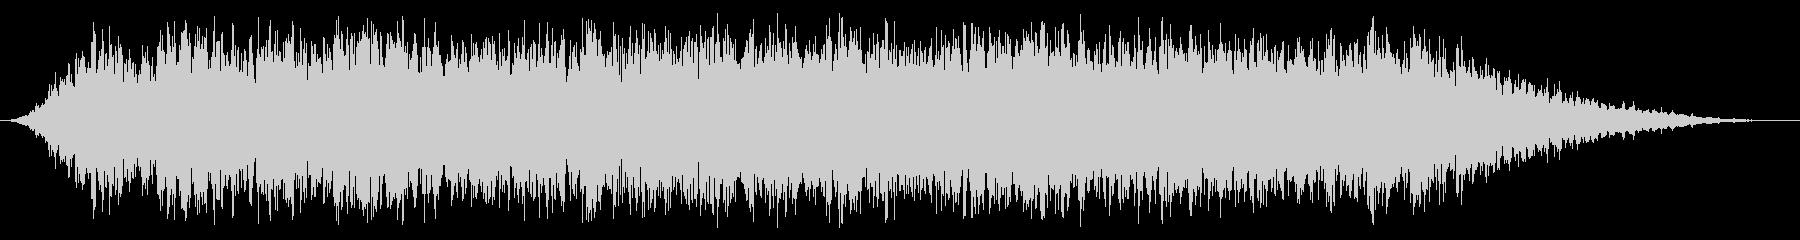 スローロアシンセライズの未再生の波形